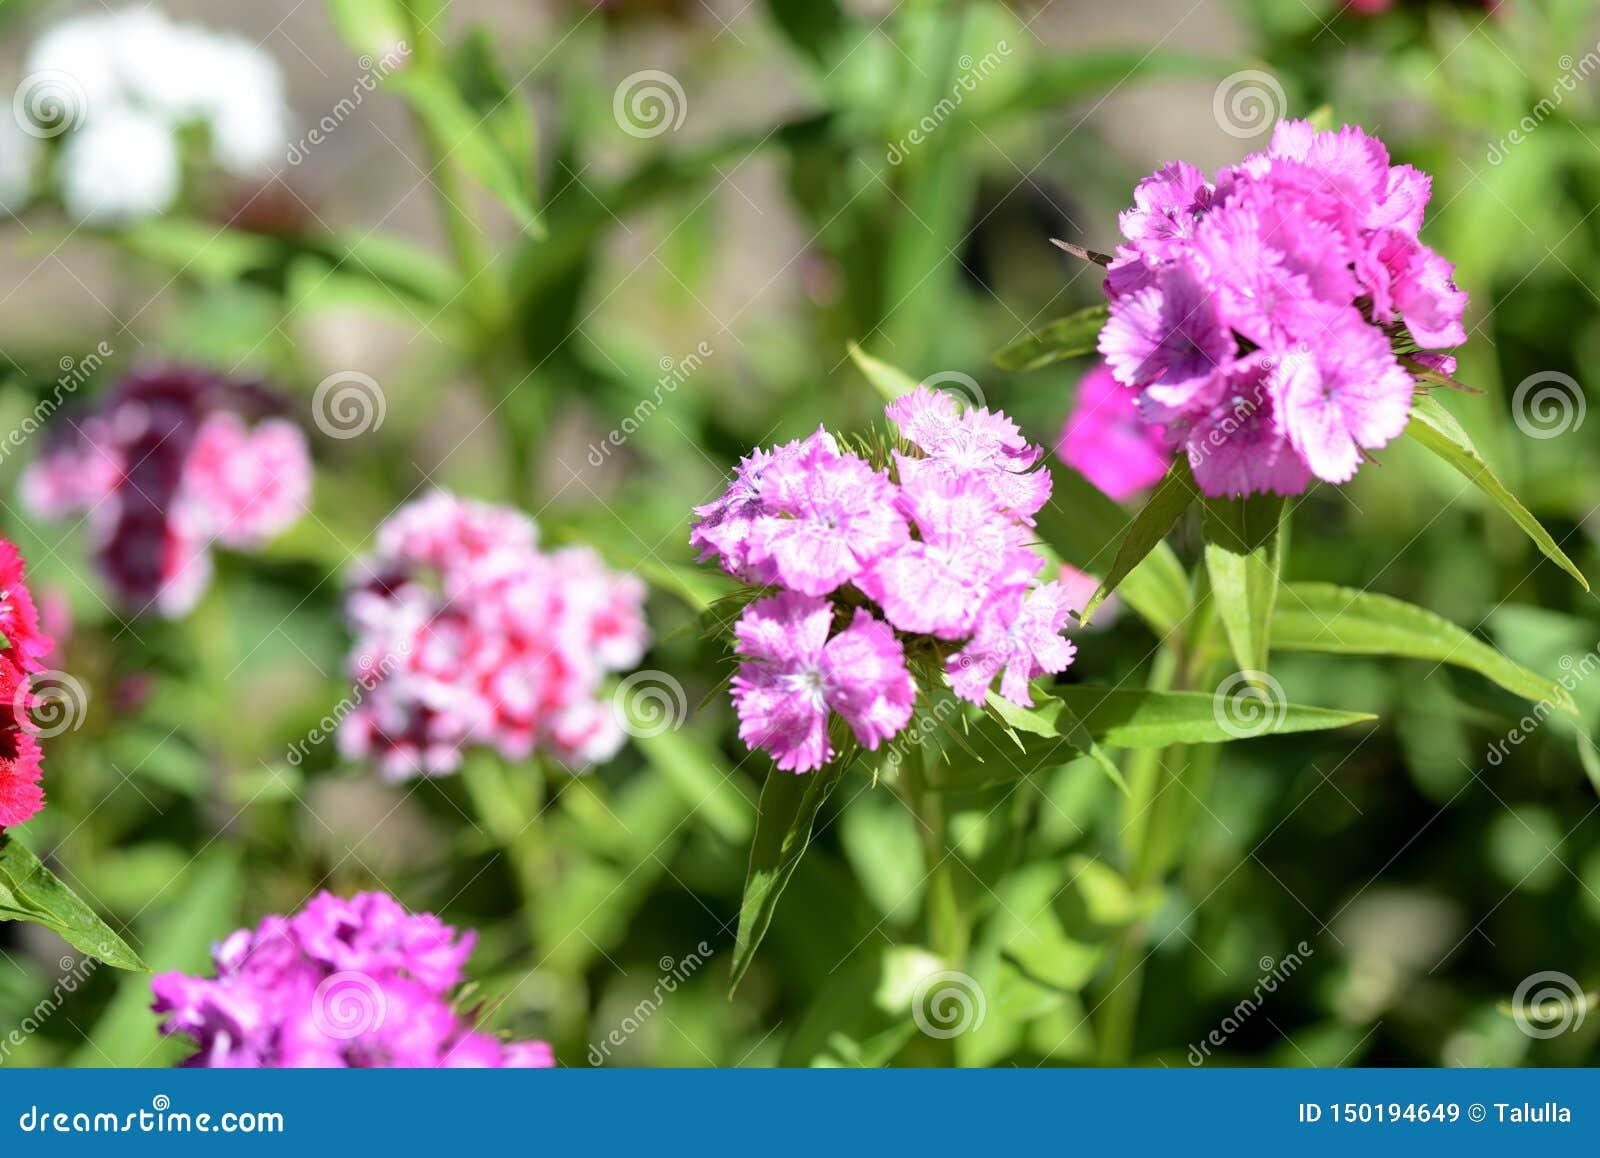 Όμορφο γλυκό barbatus Dianthus λουλουδιών William στον κήπο